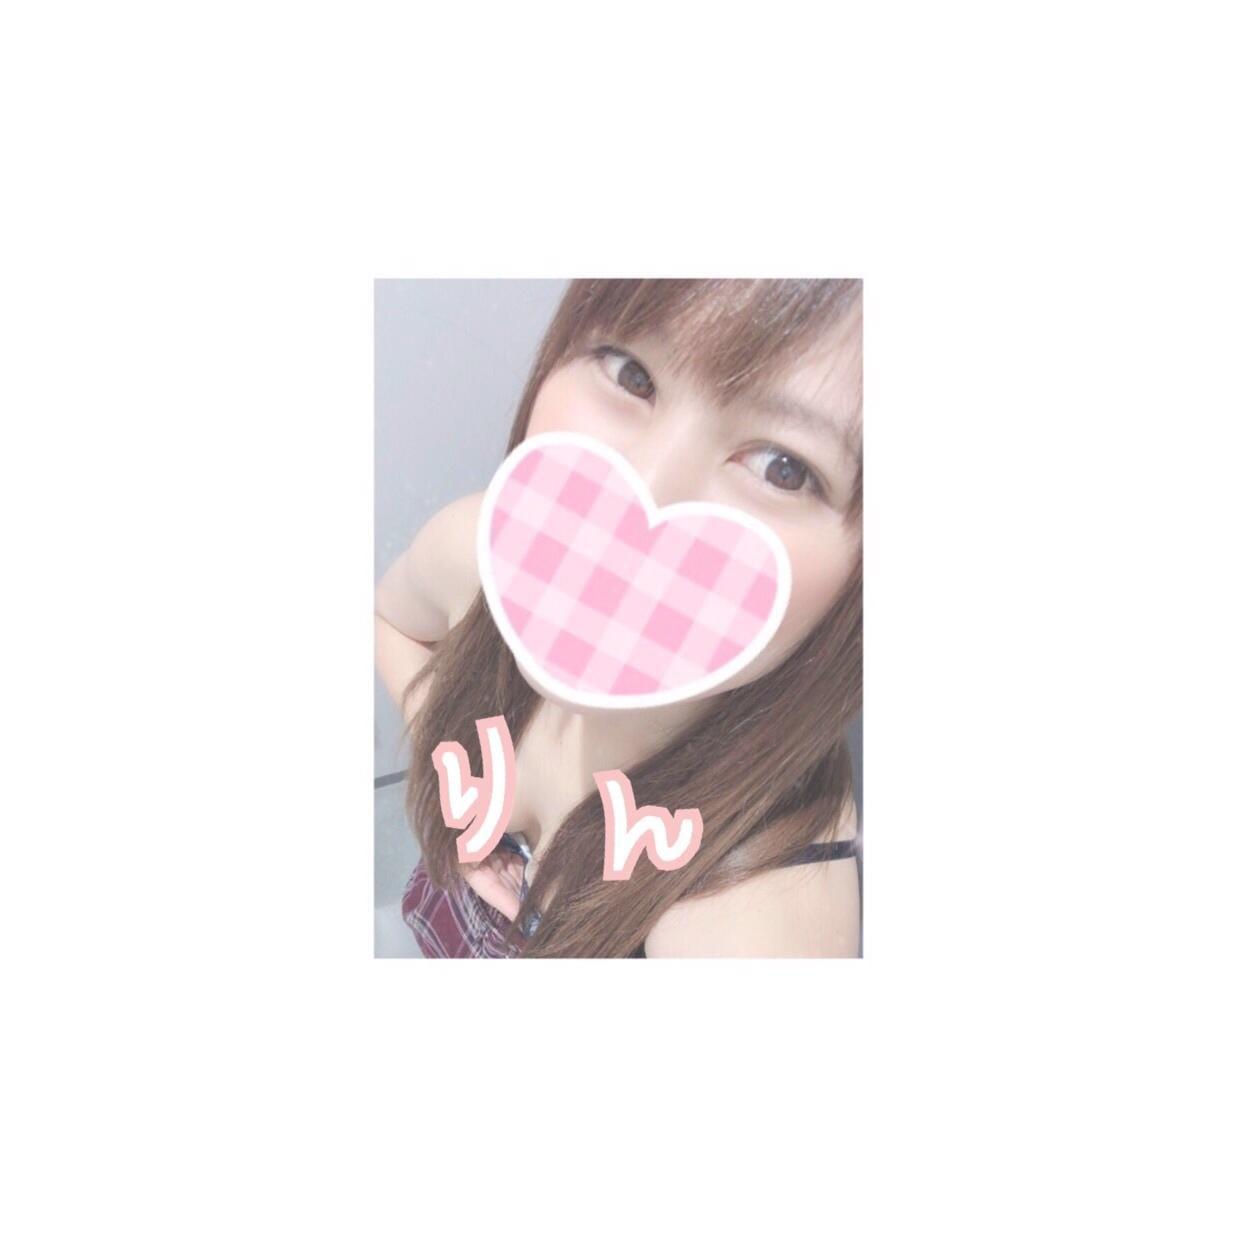 白石 りん「りんりん♪」02/12(火) 19:50 | 白石 りんの写メ・風俗動画